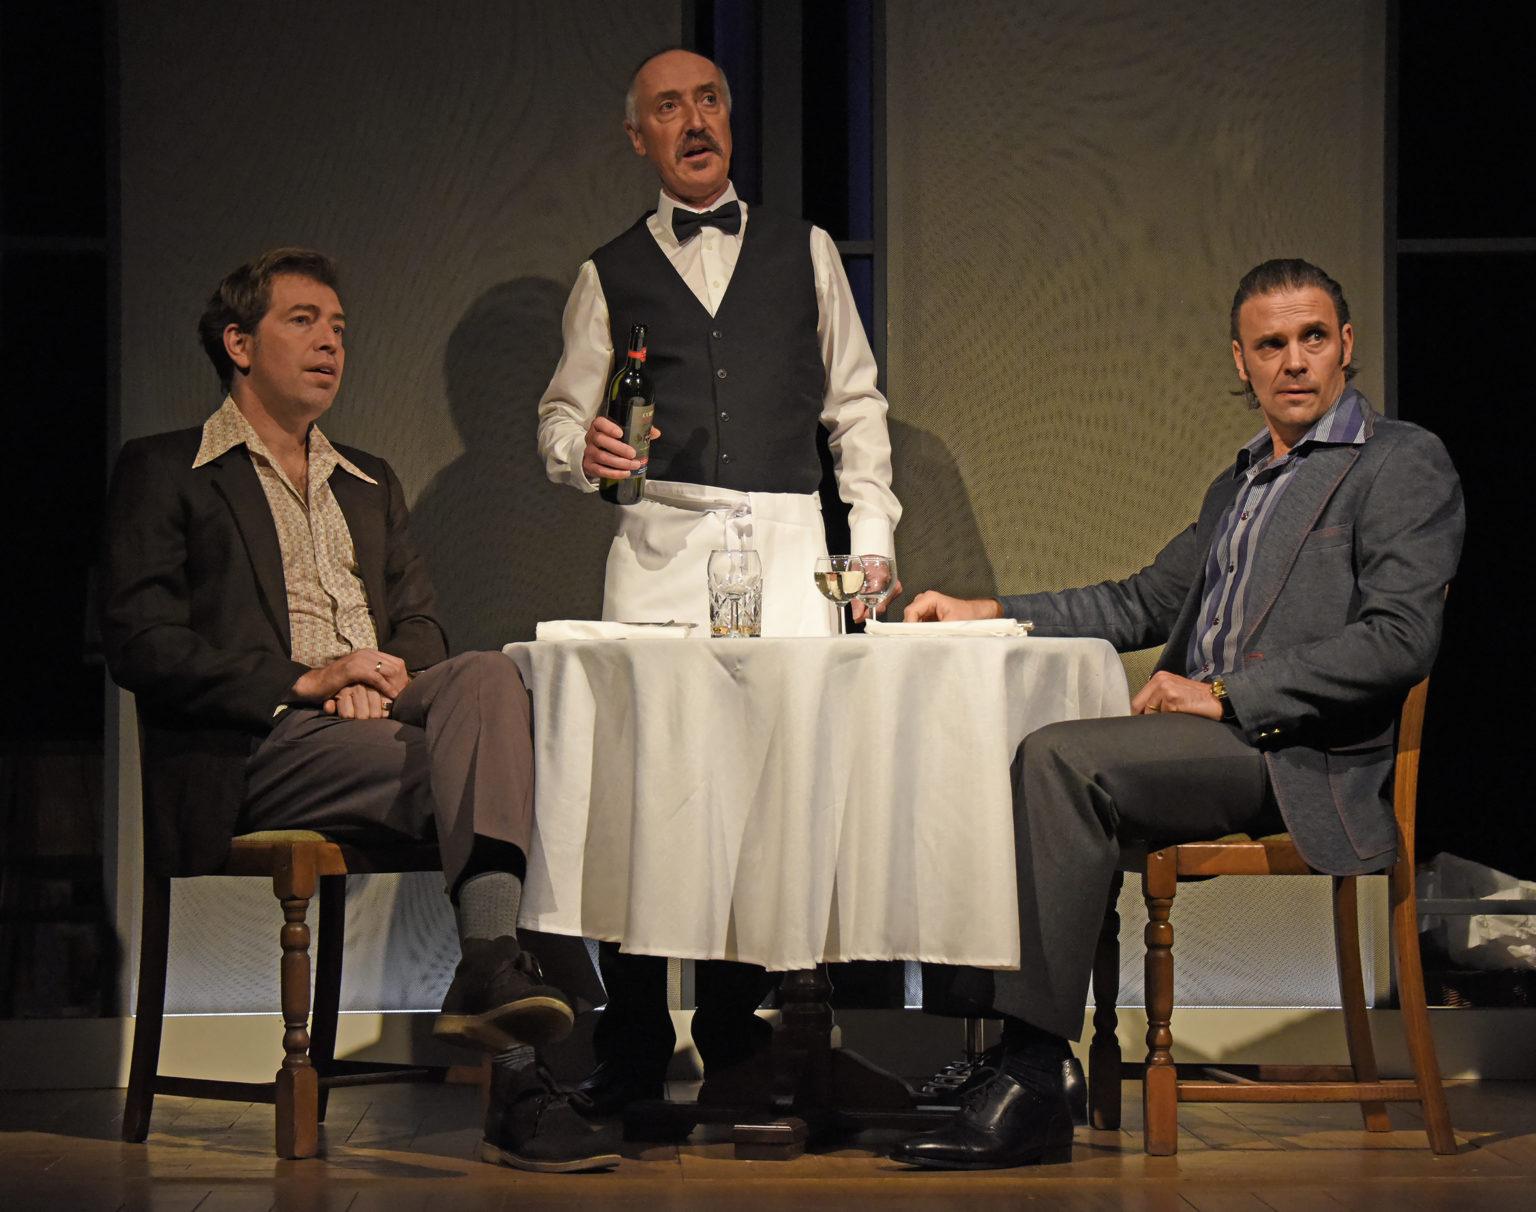 Edward Bennett/Robert Christopher Bianchi/Waiter Joseph Millson/